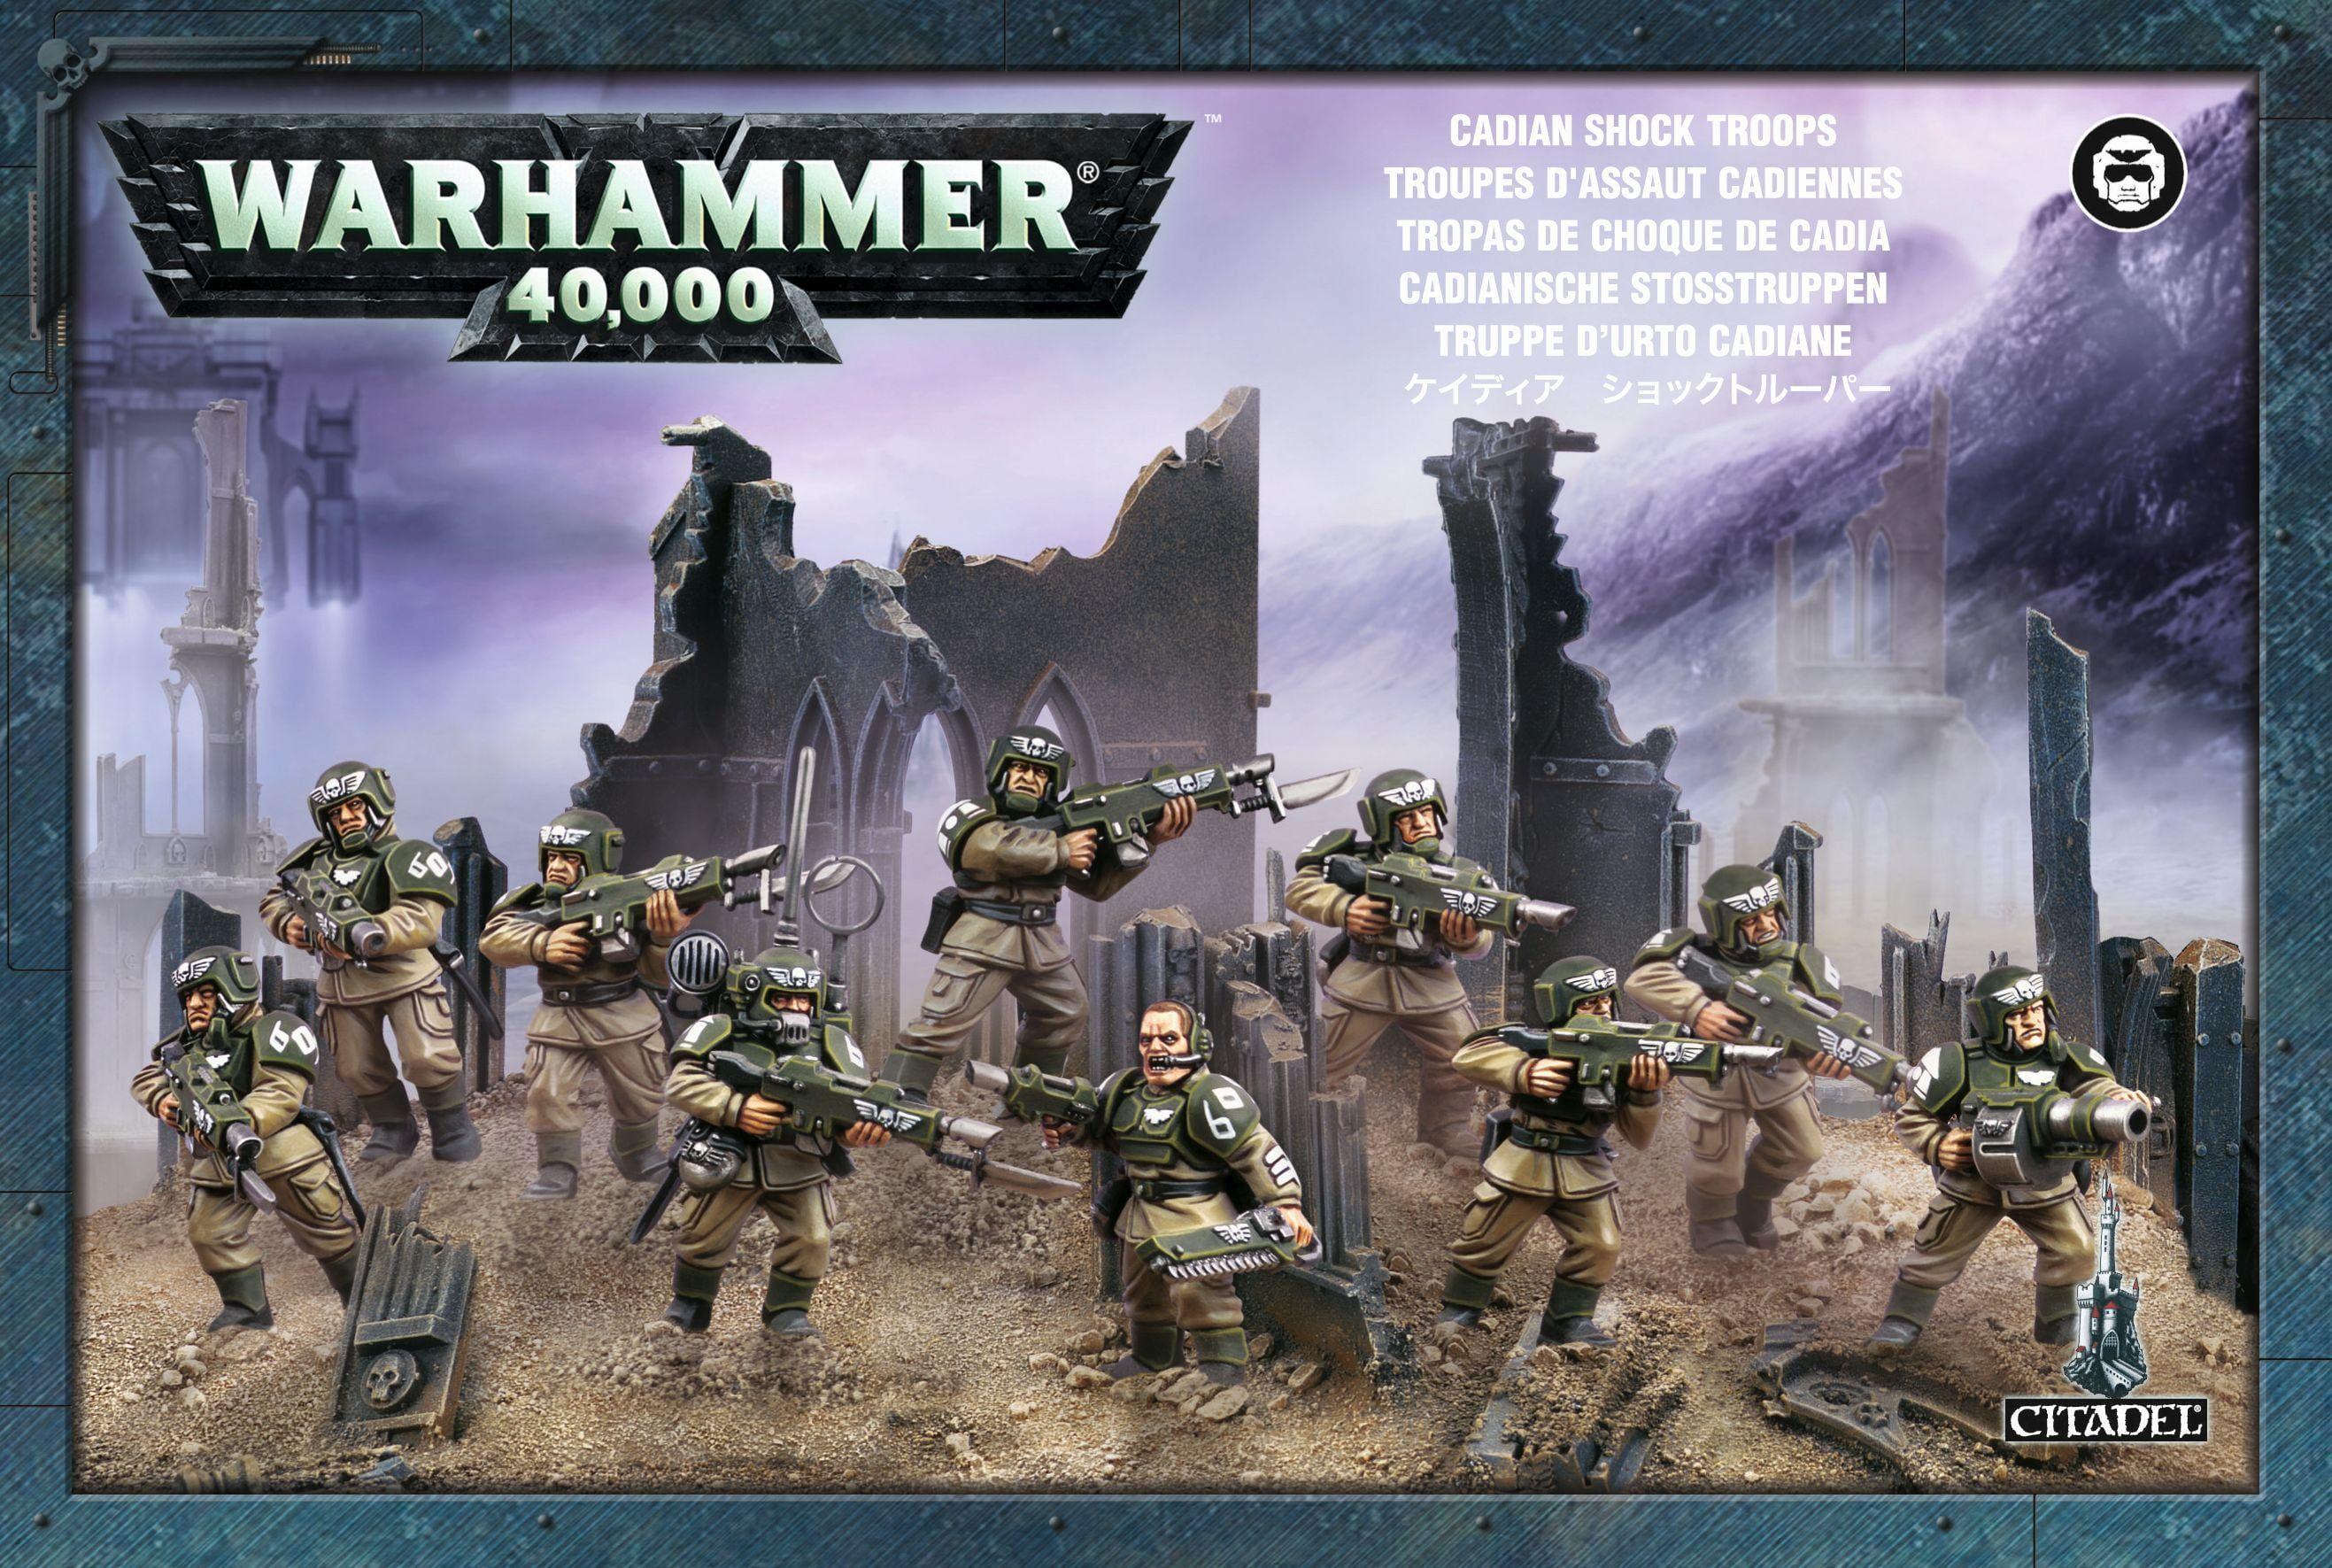 Warhammer Astra Militarum Cadian Shock Troops